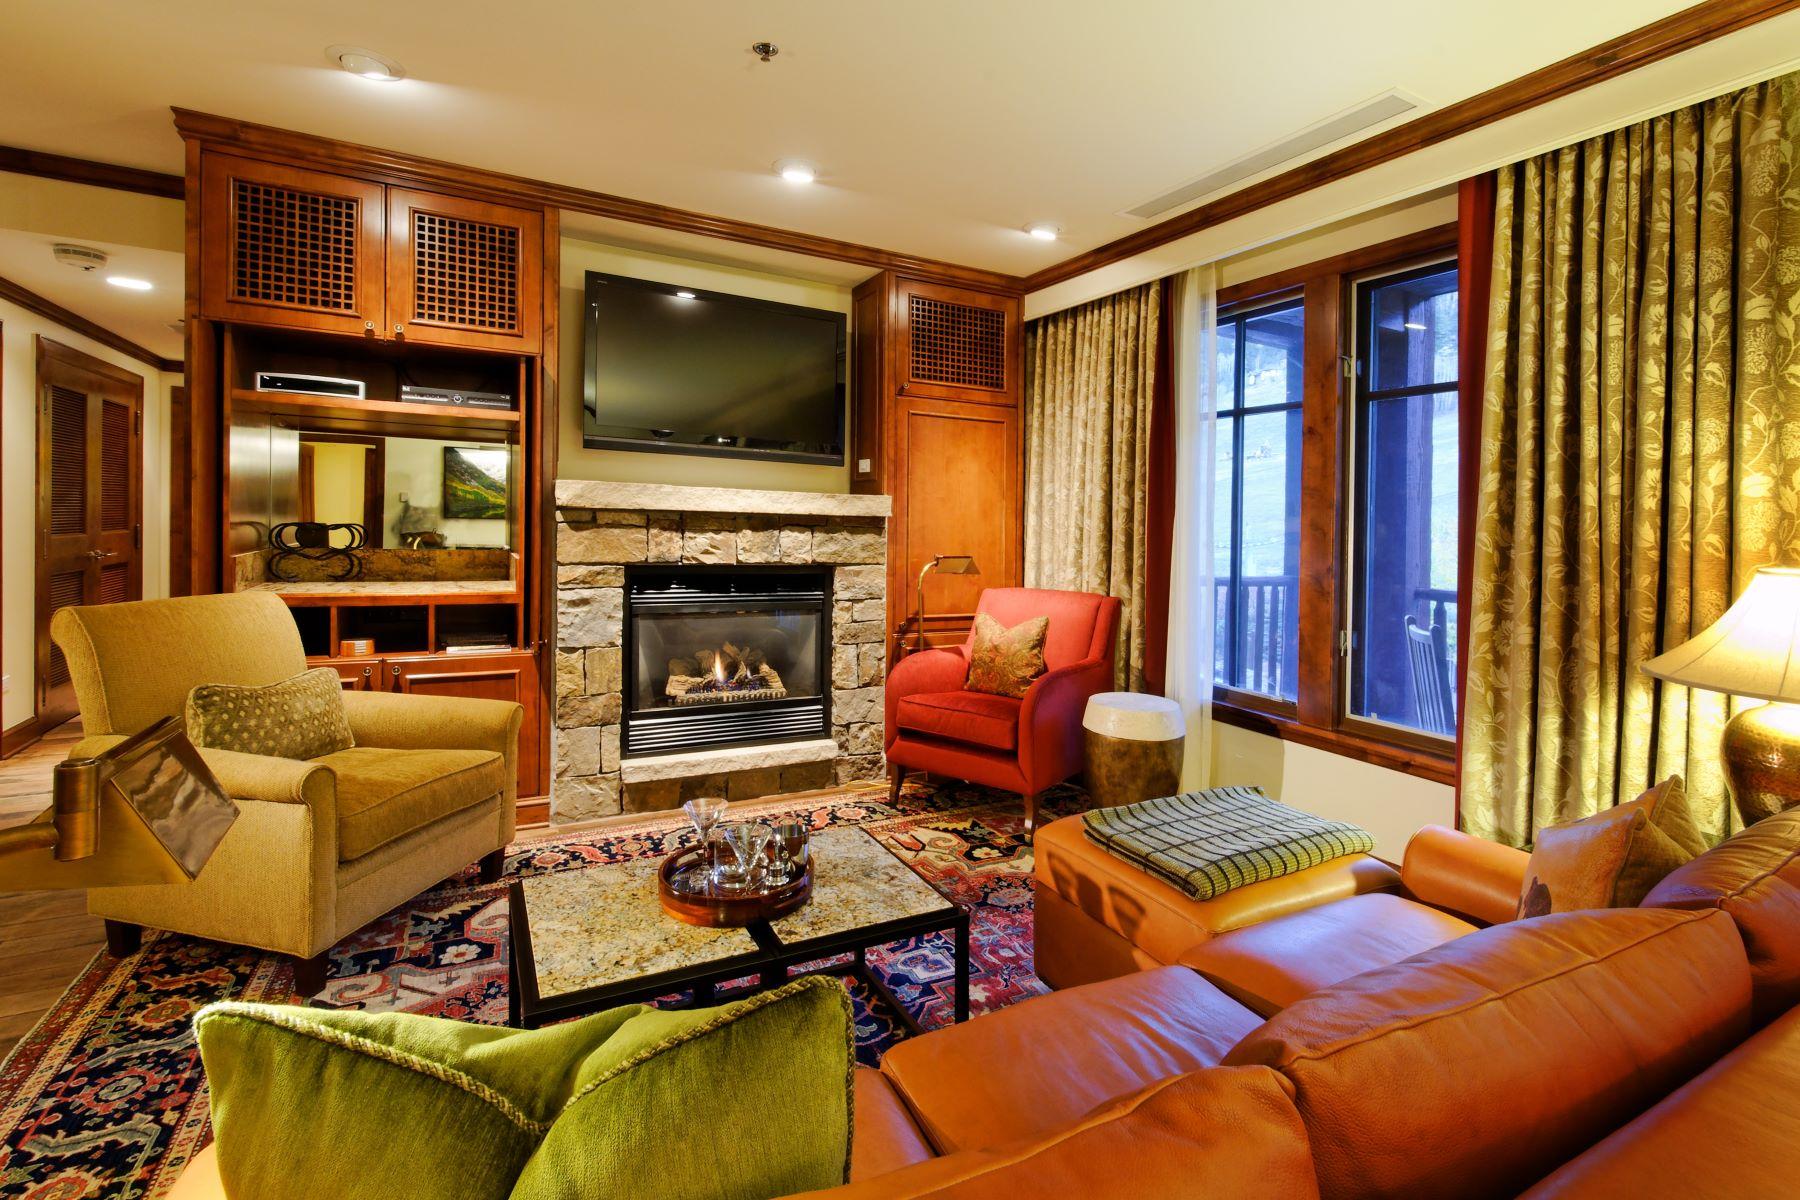 Кондоминиум для того Продажа на The Ritz Carlton 0197 Prospector Road #2409-5, Aspen, Колорадо, 81611 Соединенные Штаты